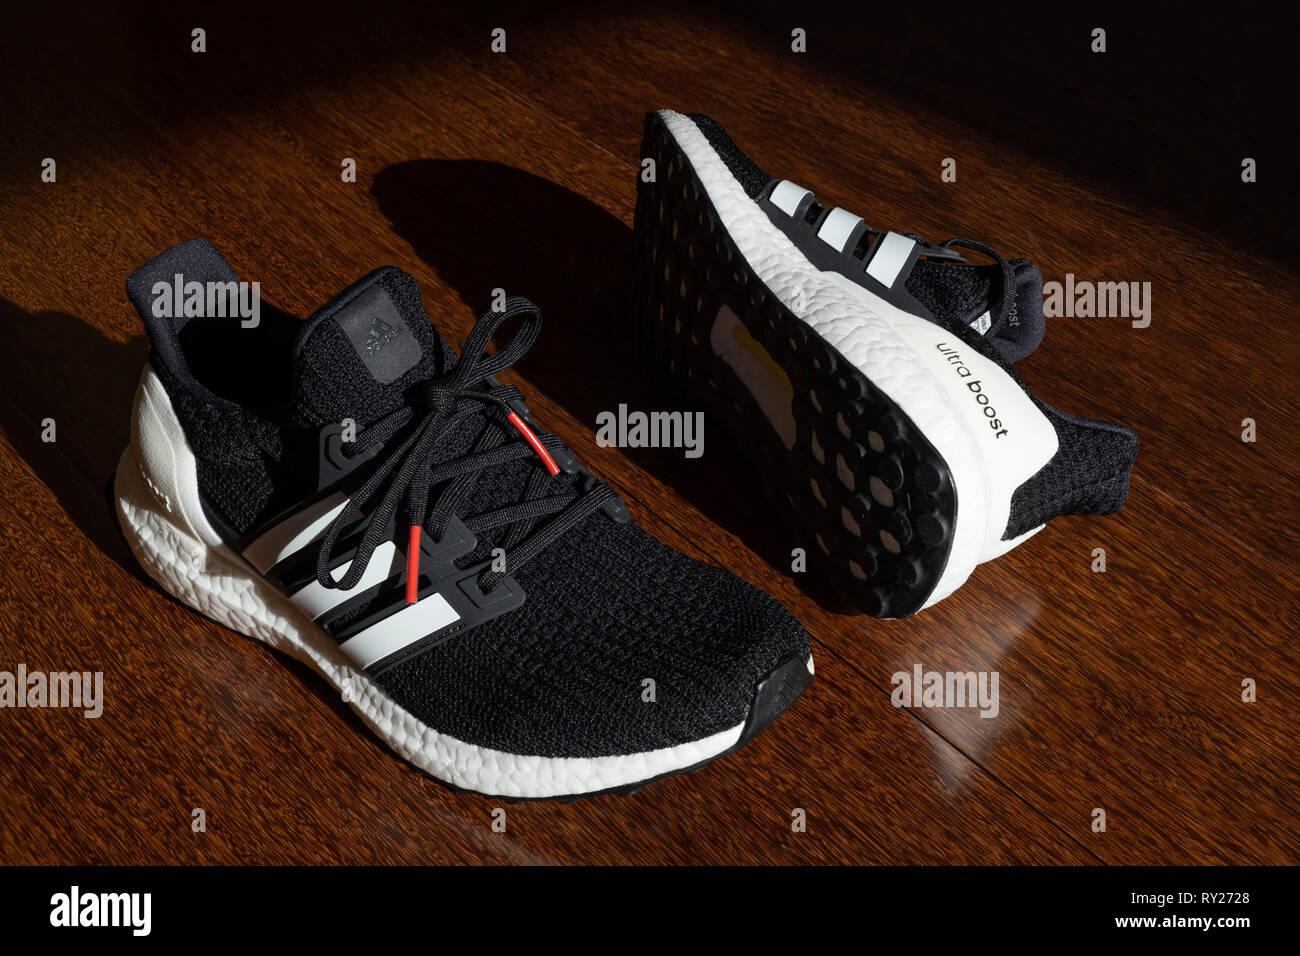 Black Adidas Sneakers Stock Photos & Black Adidas Sneakers